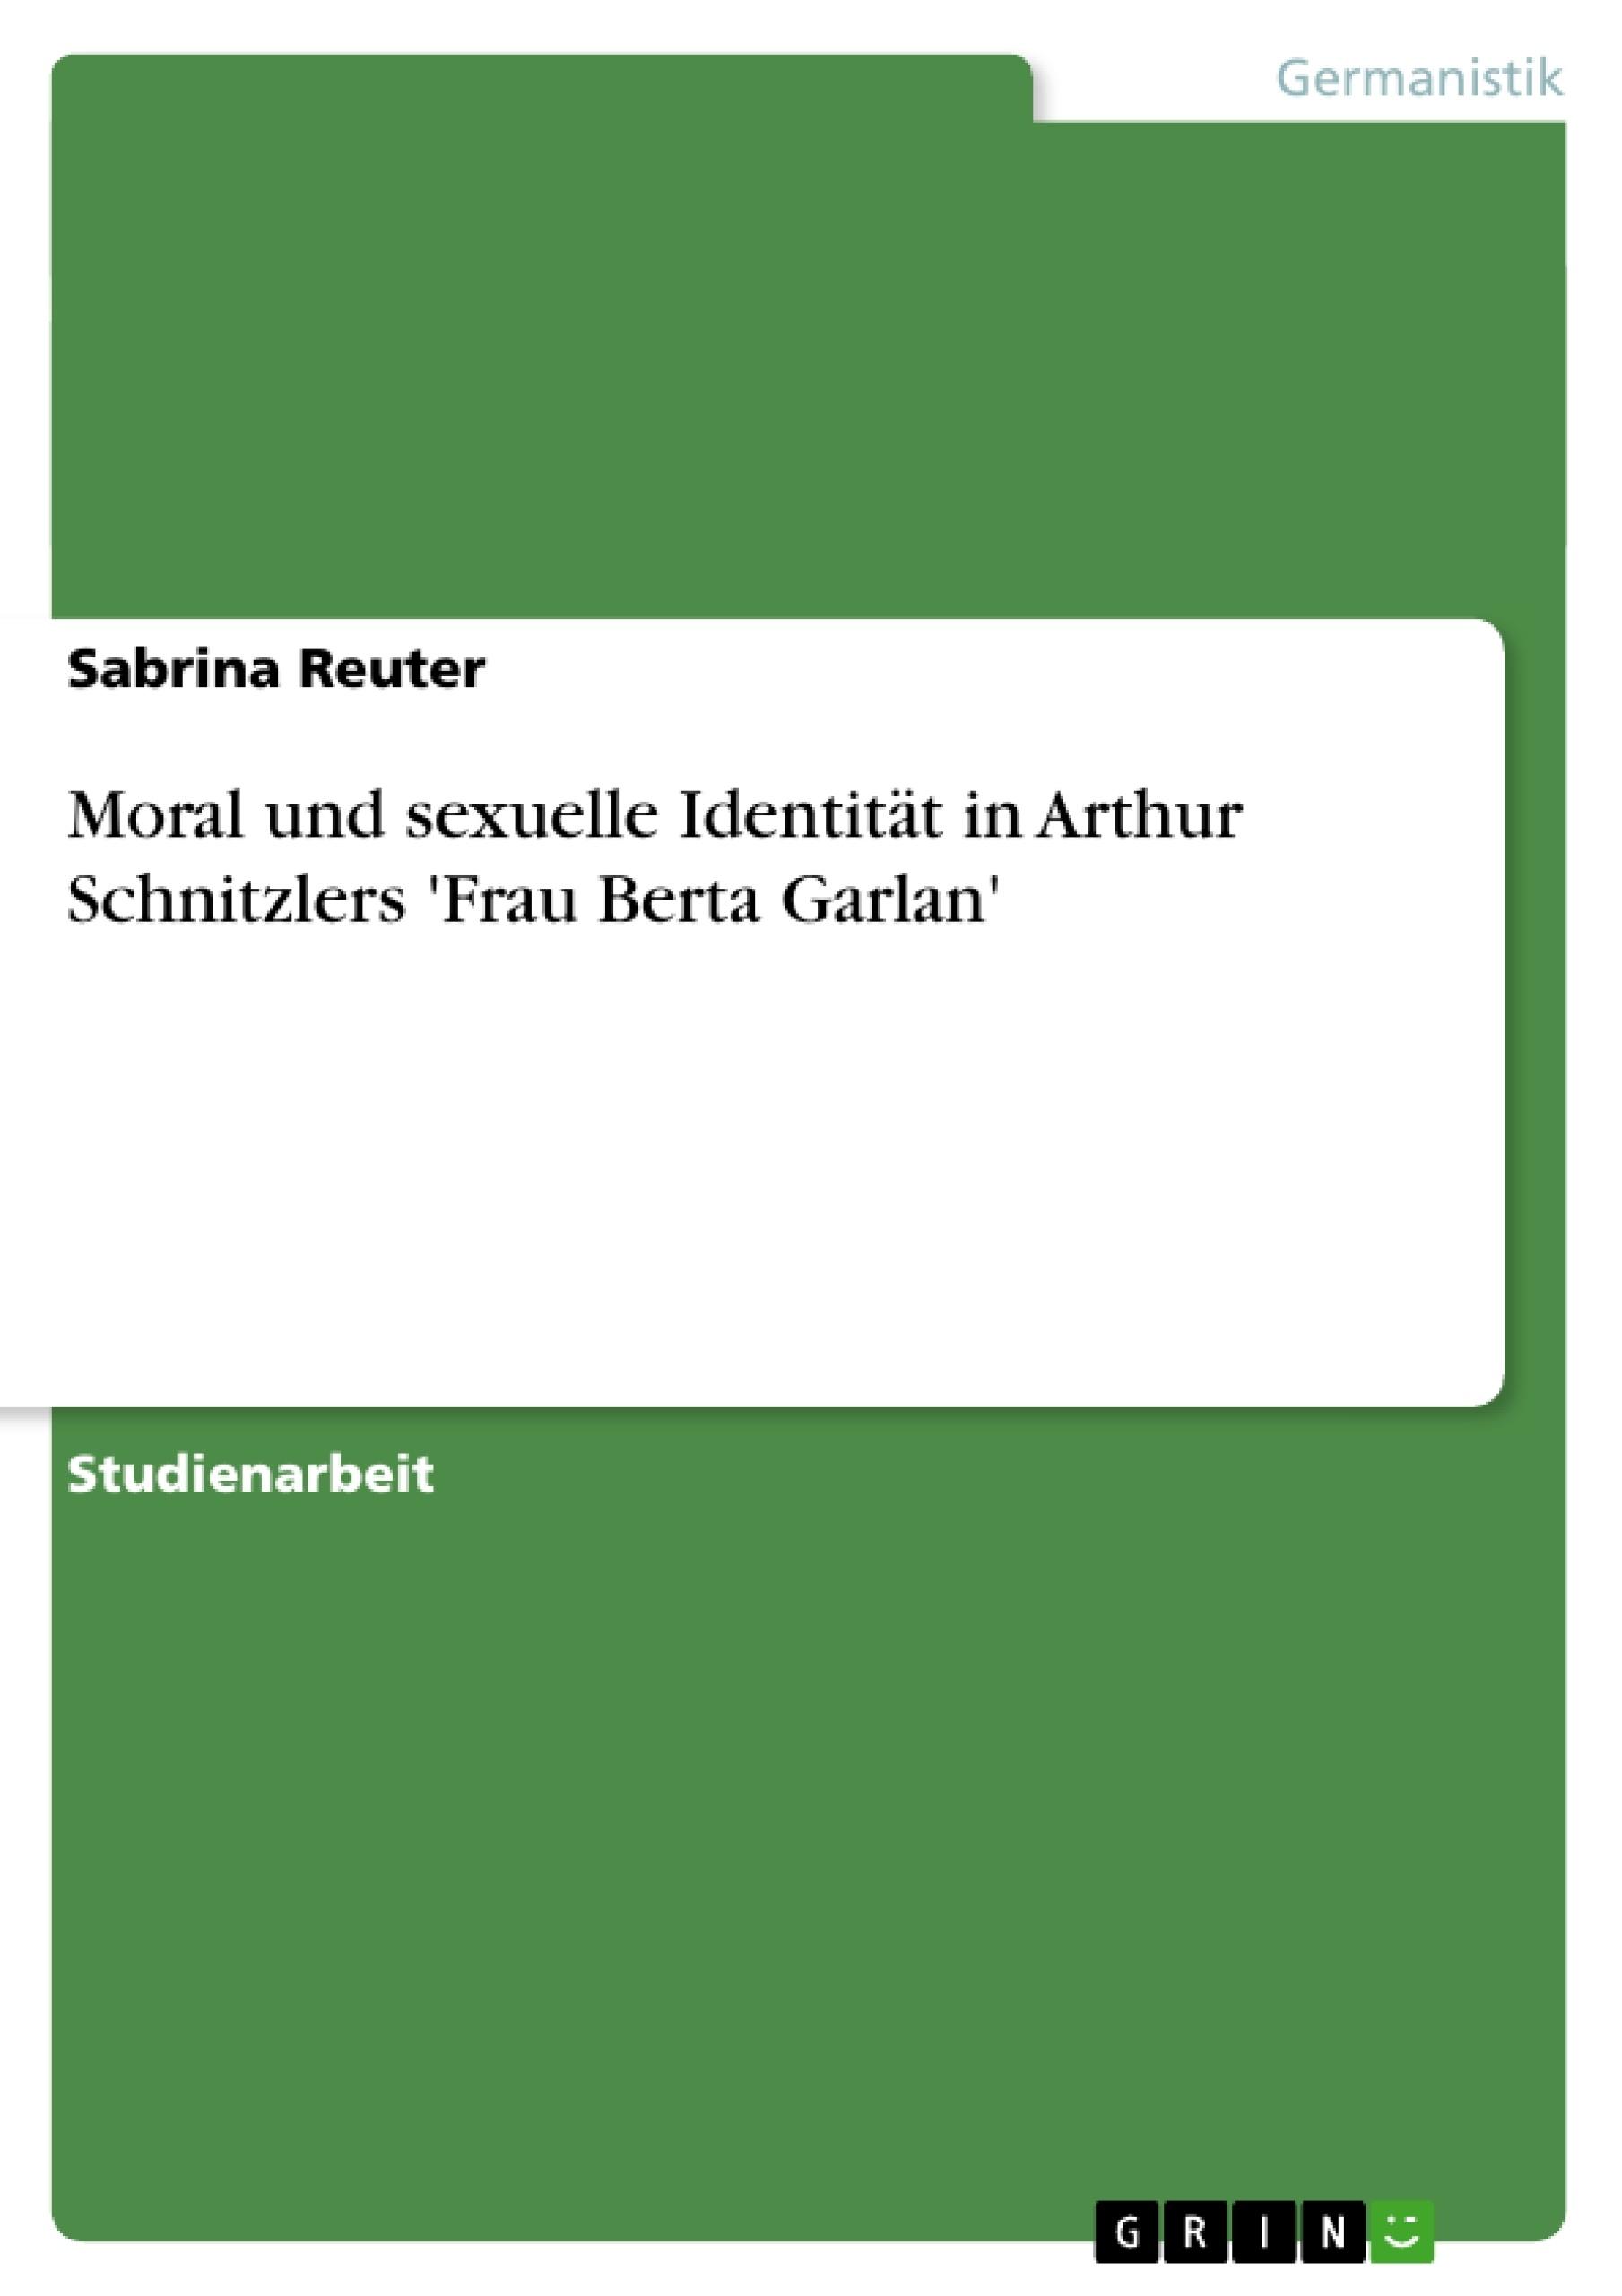 Titel: Moral und sexuelle Identität in Arthur Schnitzlers 'Frau Berta Garlan'